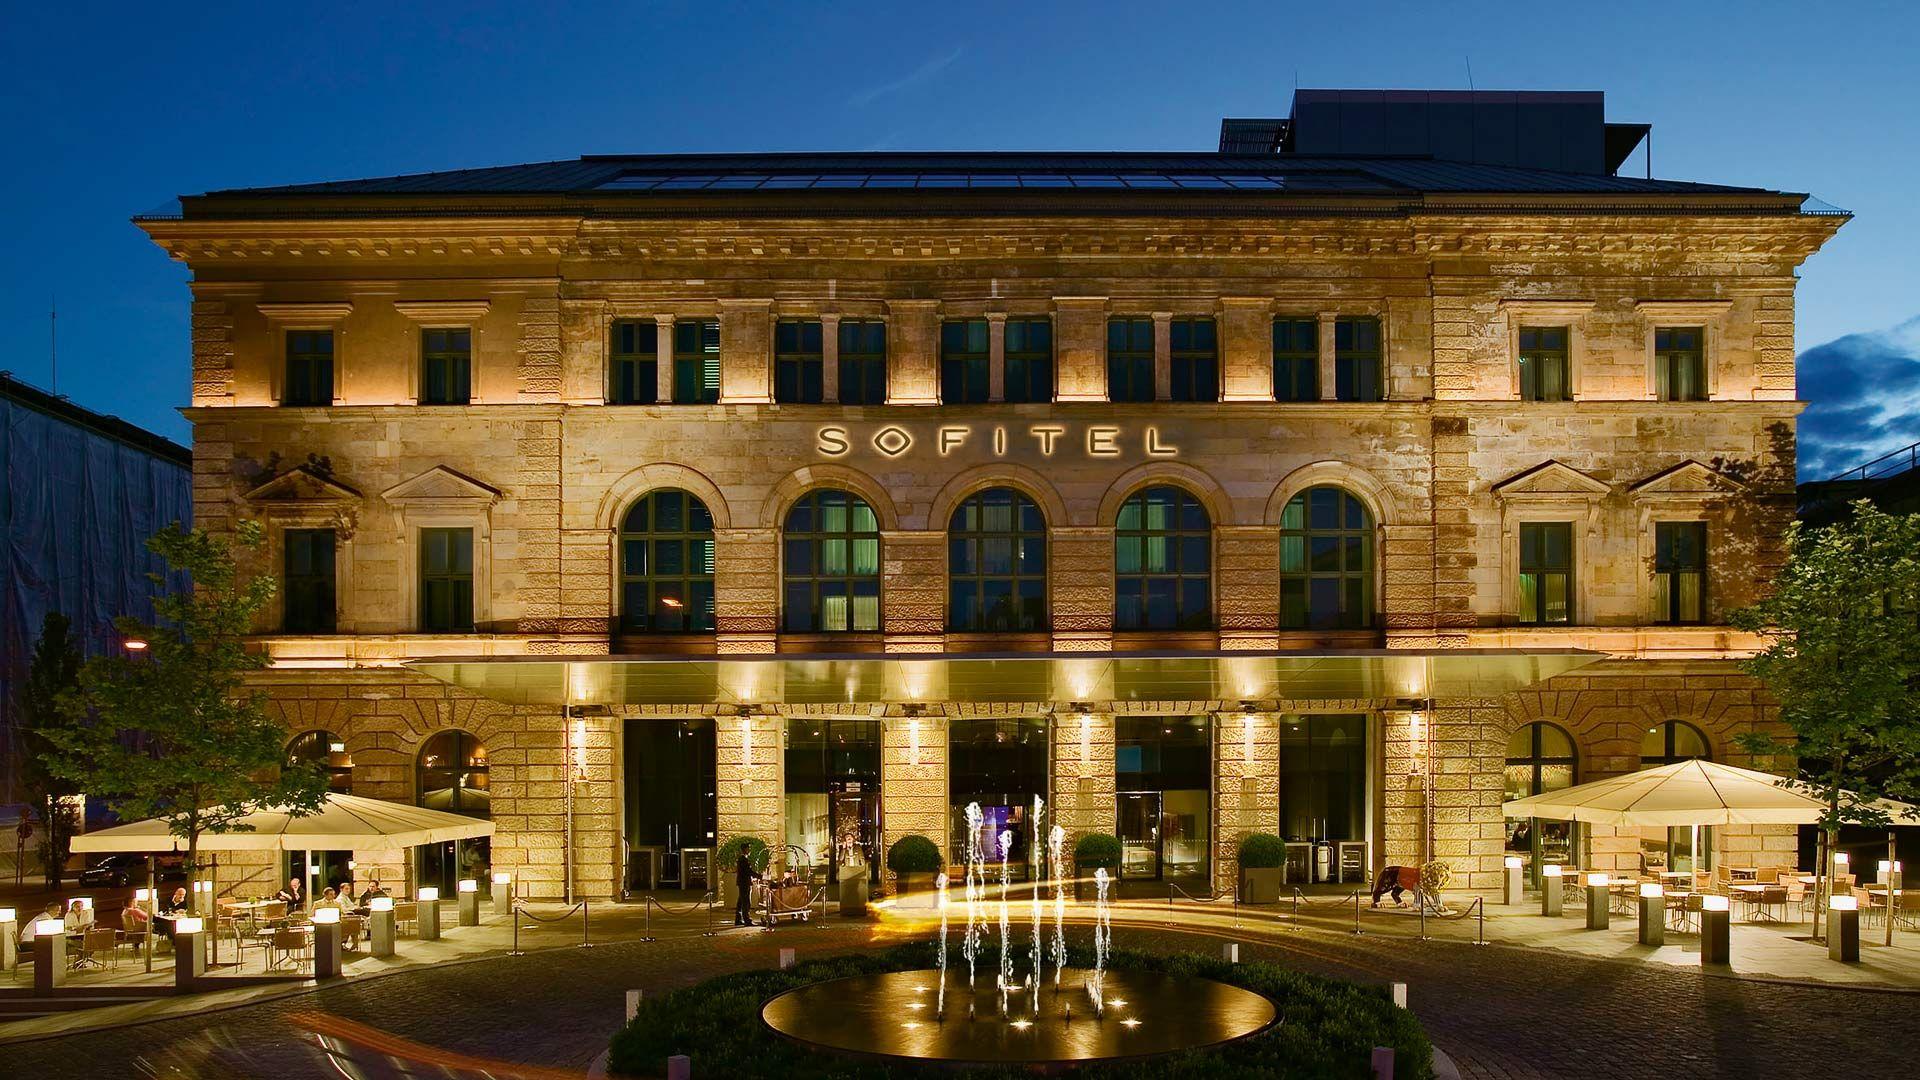 Sofitel Munich Bayerpost. Visa Luxury Hotel Collection